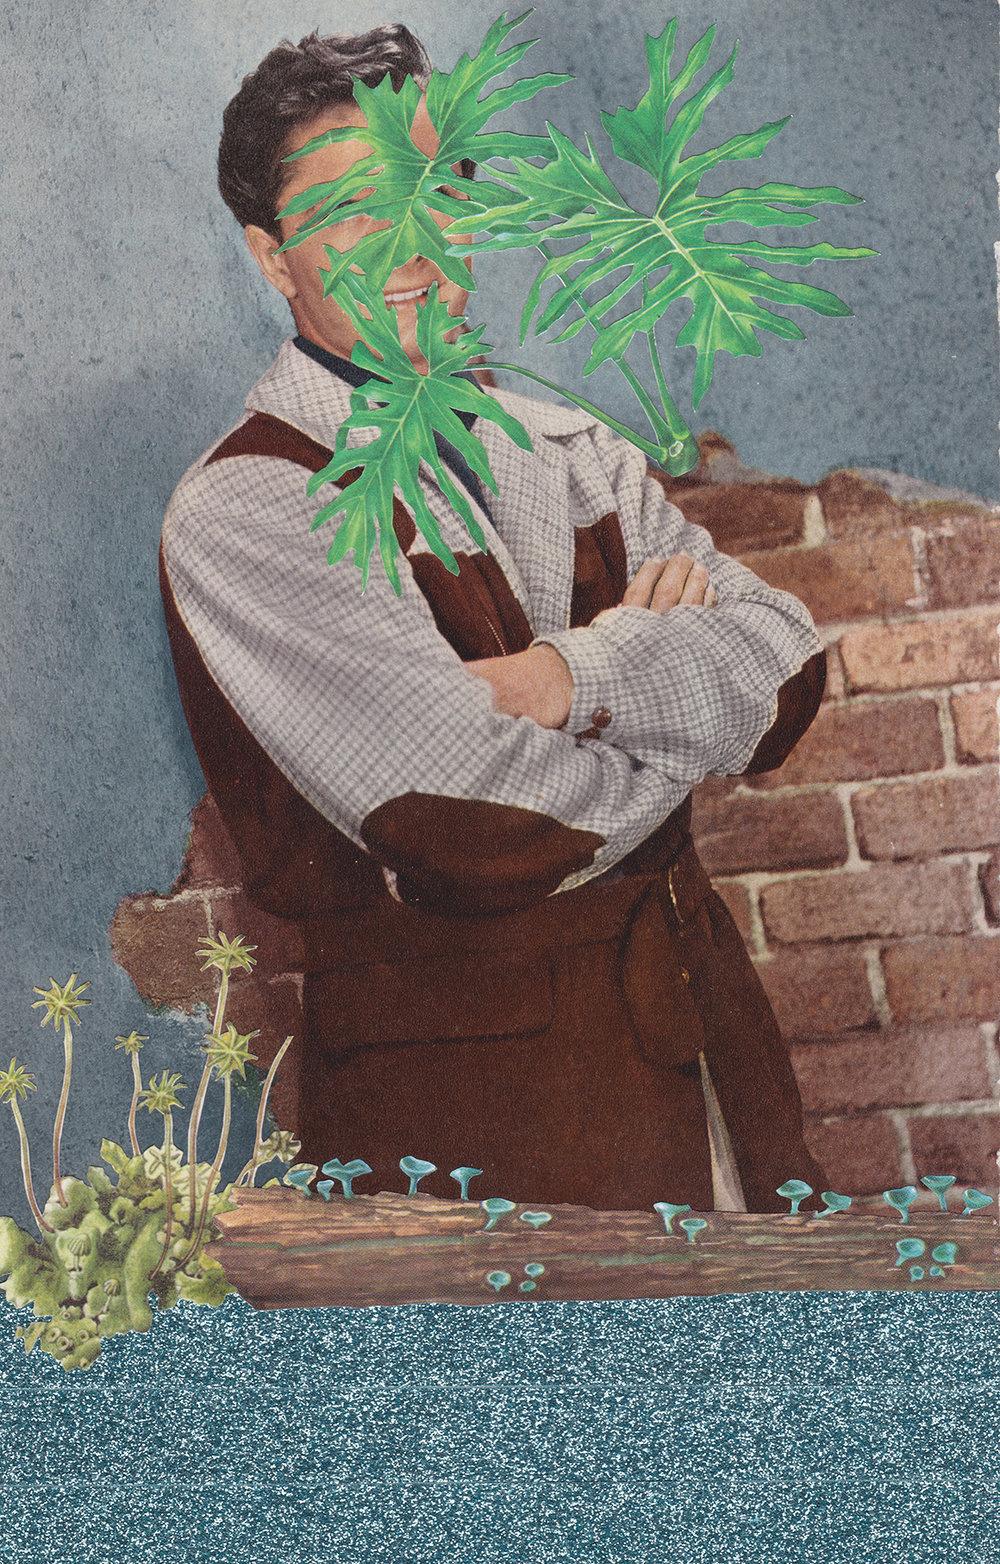 Flora Taking the Limelight (from John Derek)